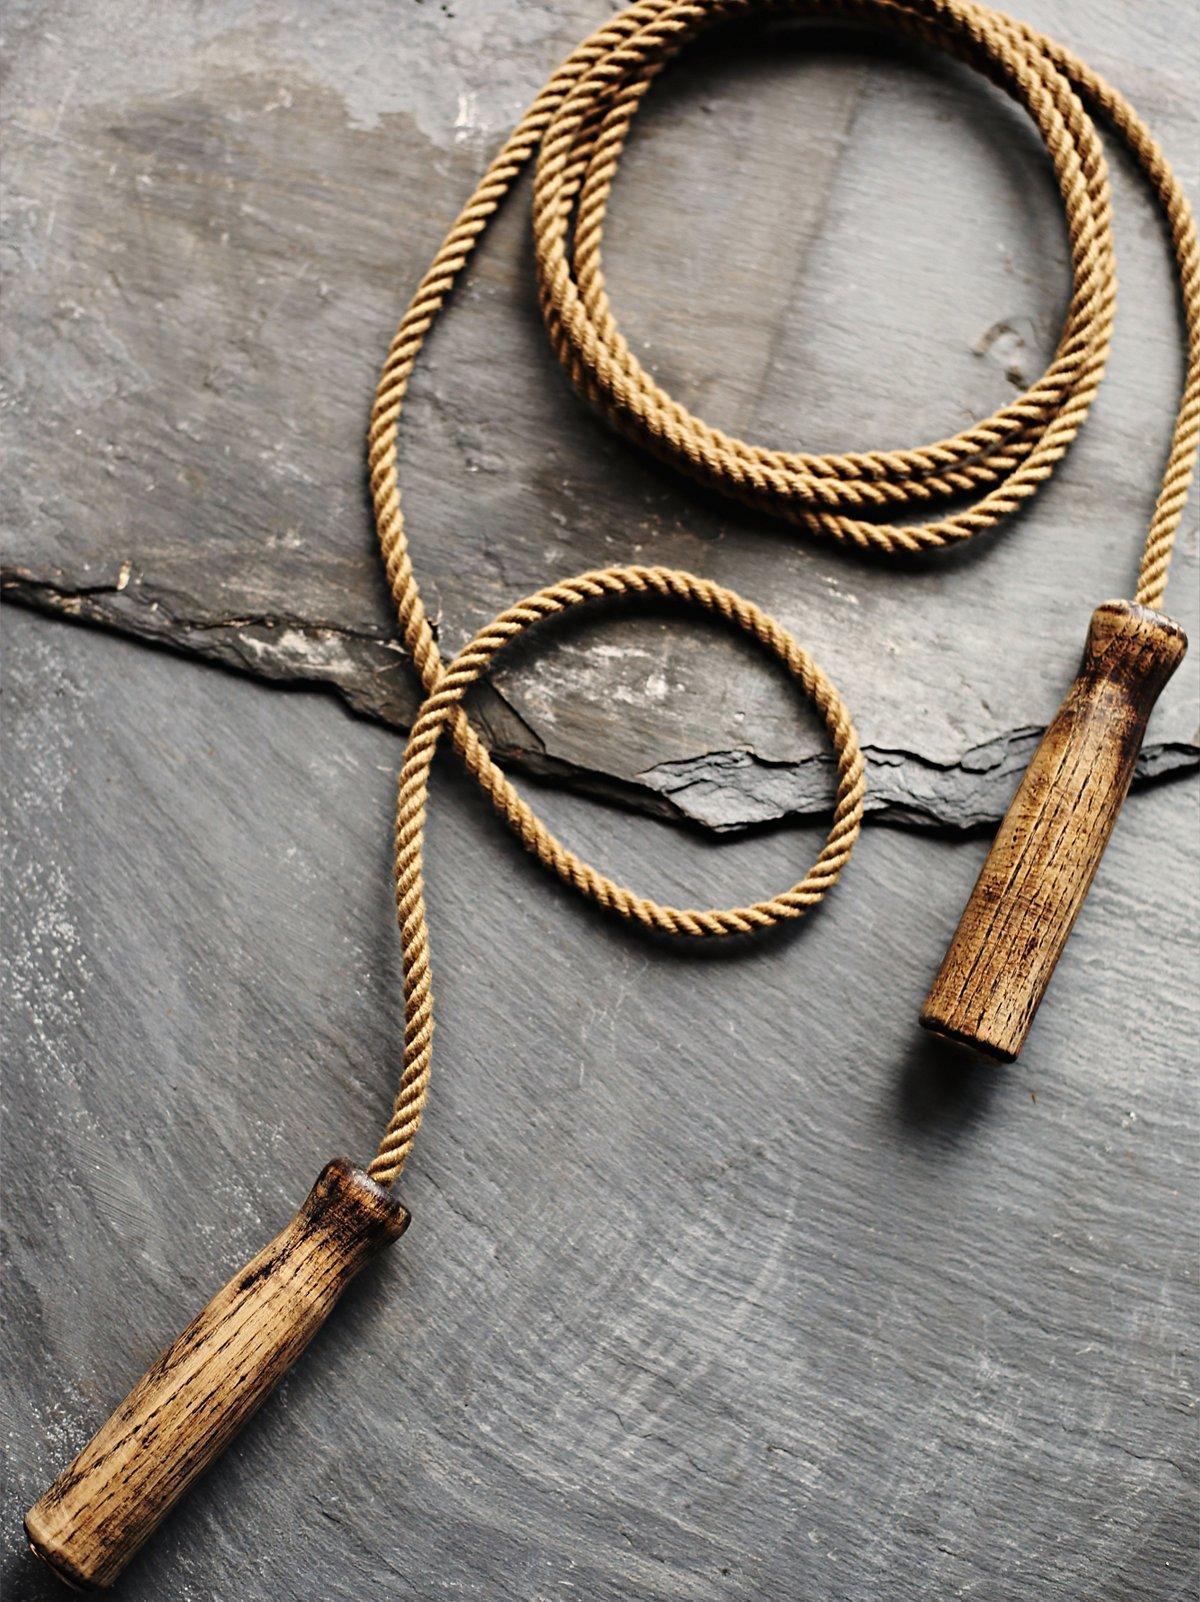 Vintage Wooden Jump Rope